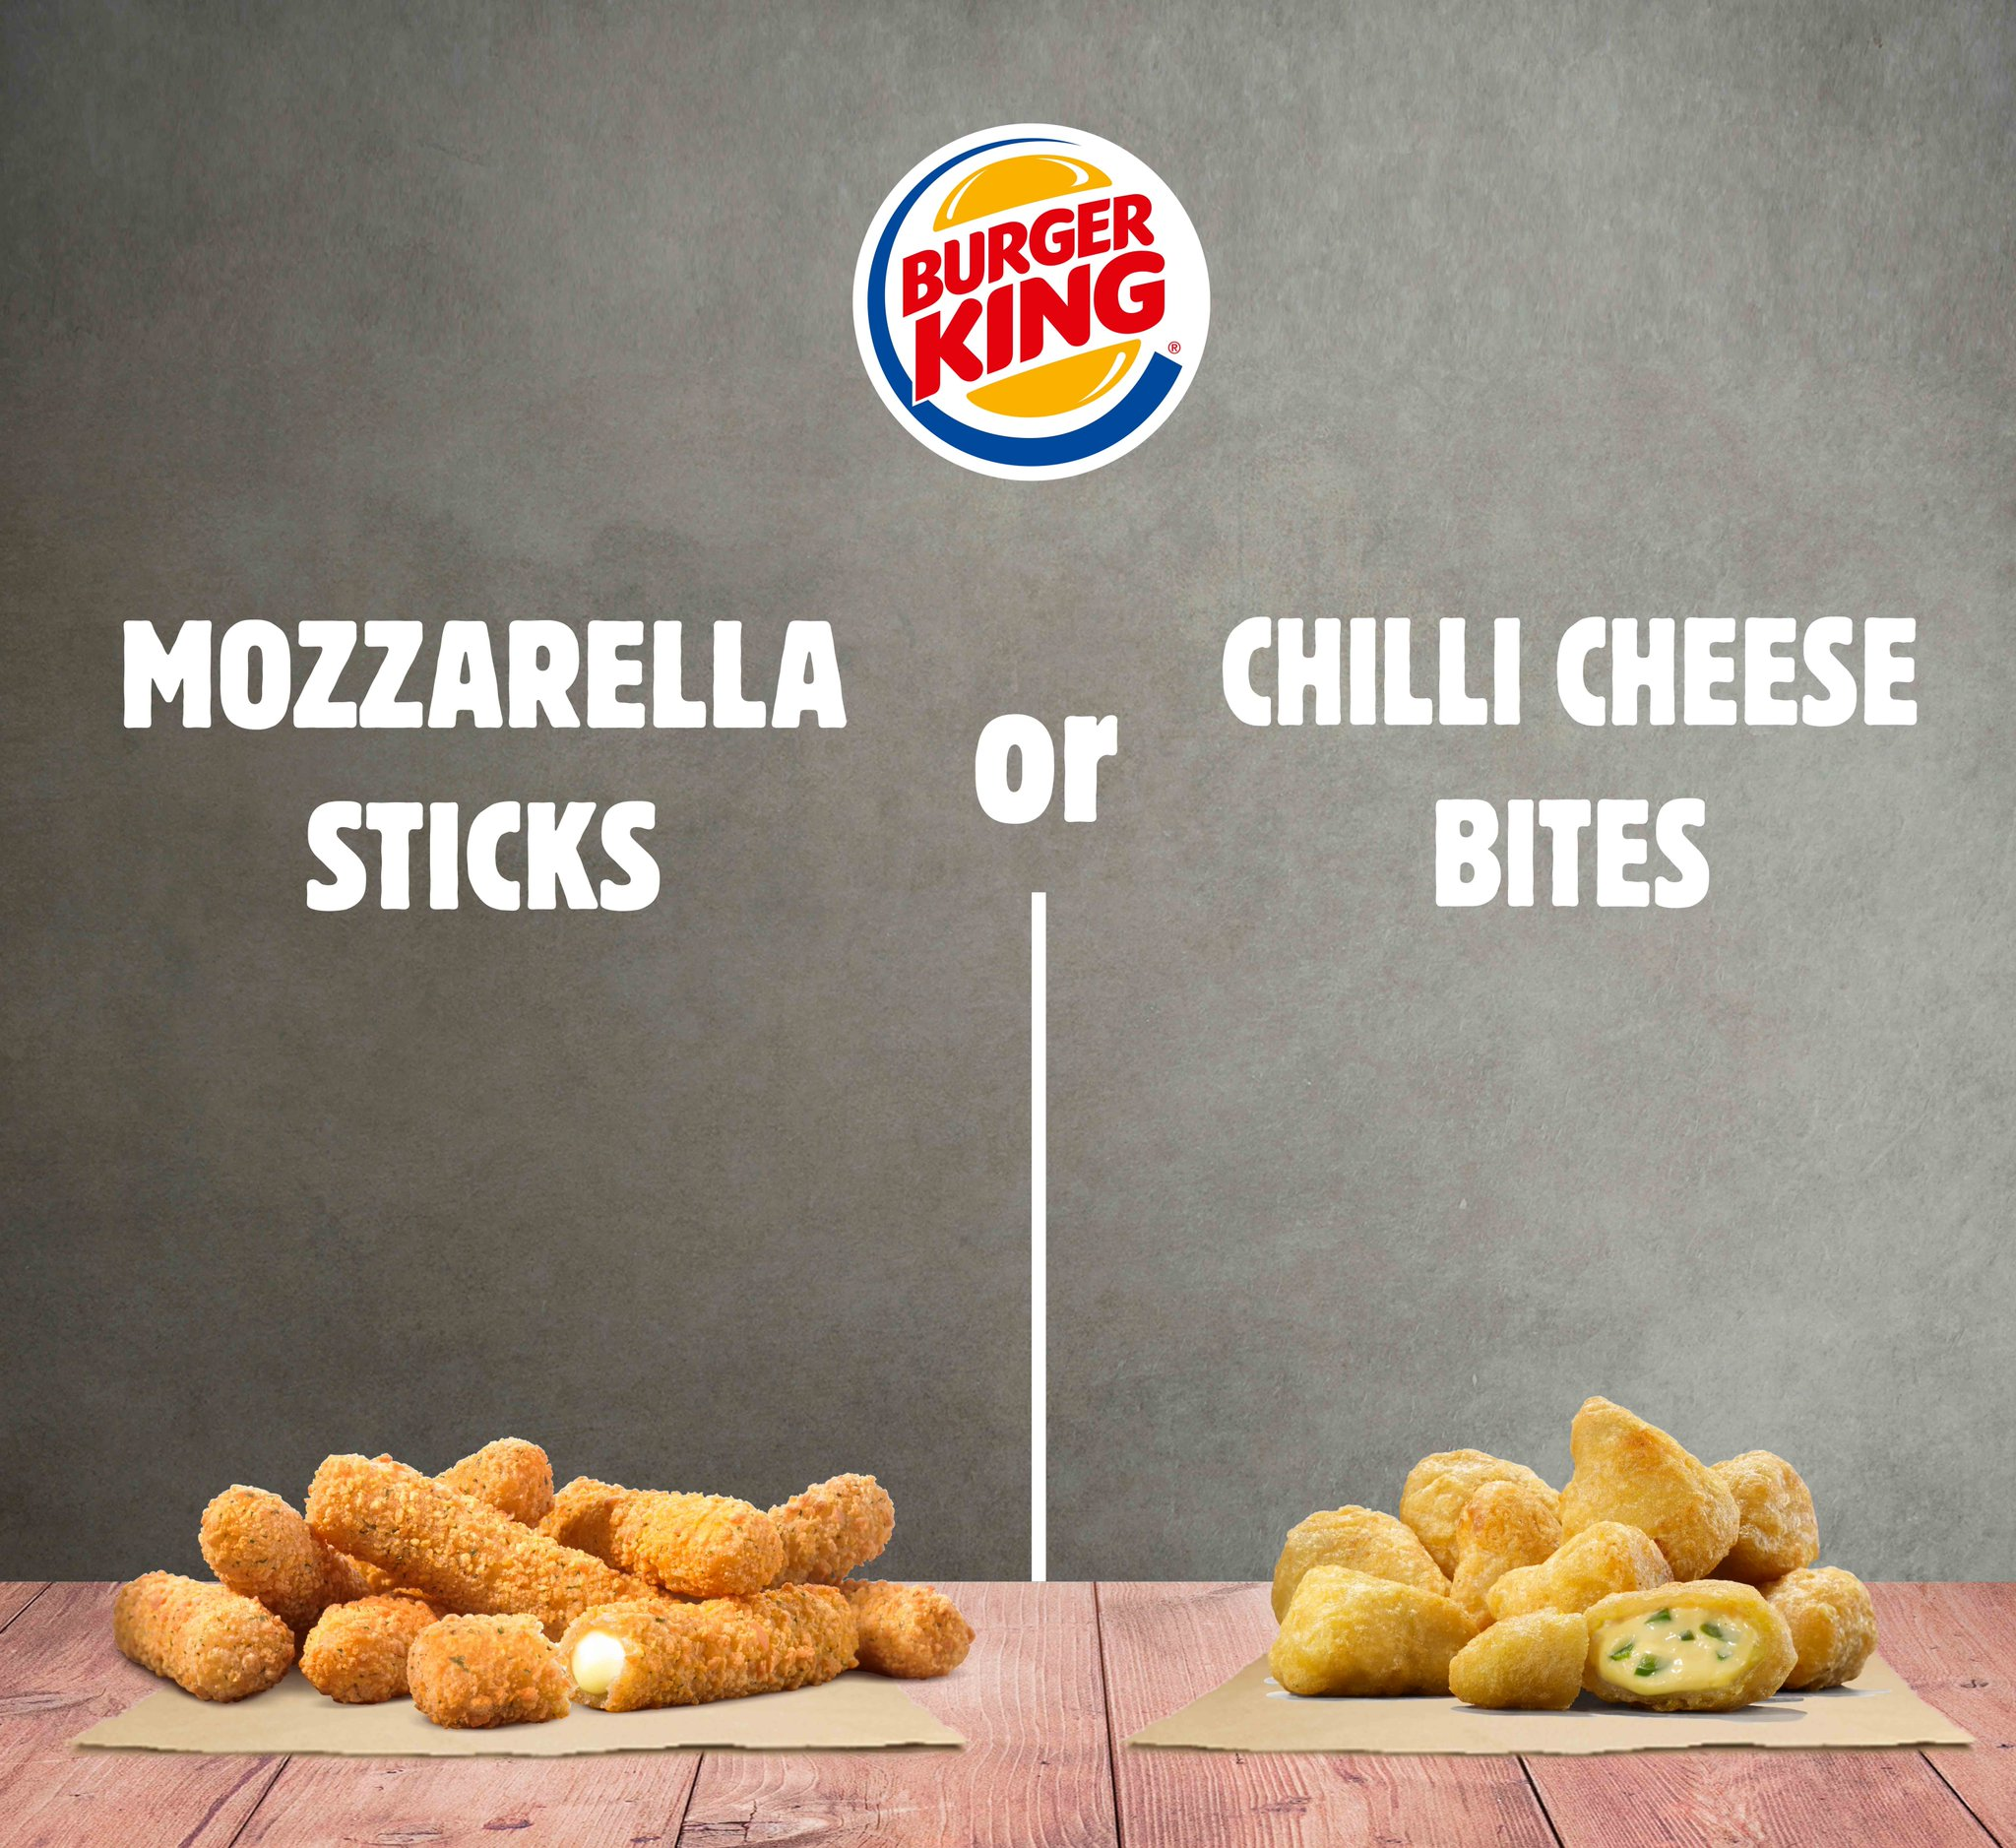 Cheese mcdonalds chili nuggets Burger King